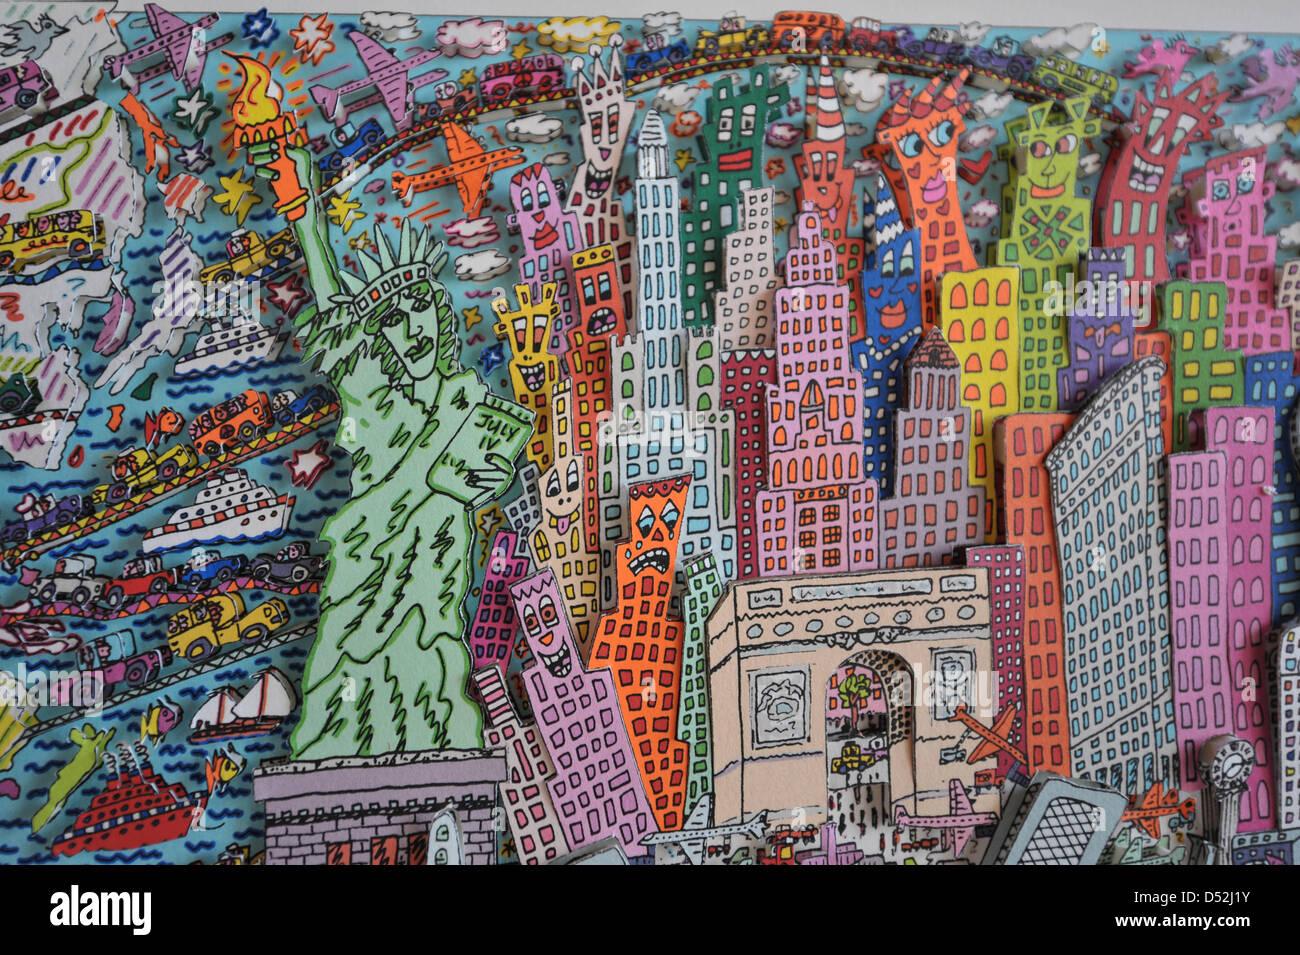 Das Foto zeigt eine Ausschnitt aus dem James Rizzi Werk 'All Roads Lead To New York City', das bei einer - Stock Image